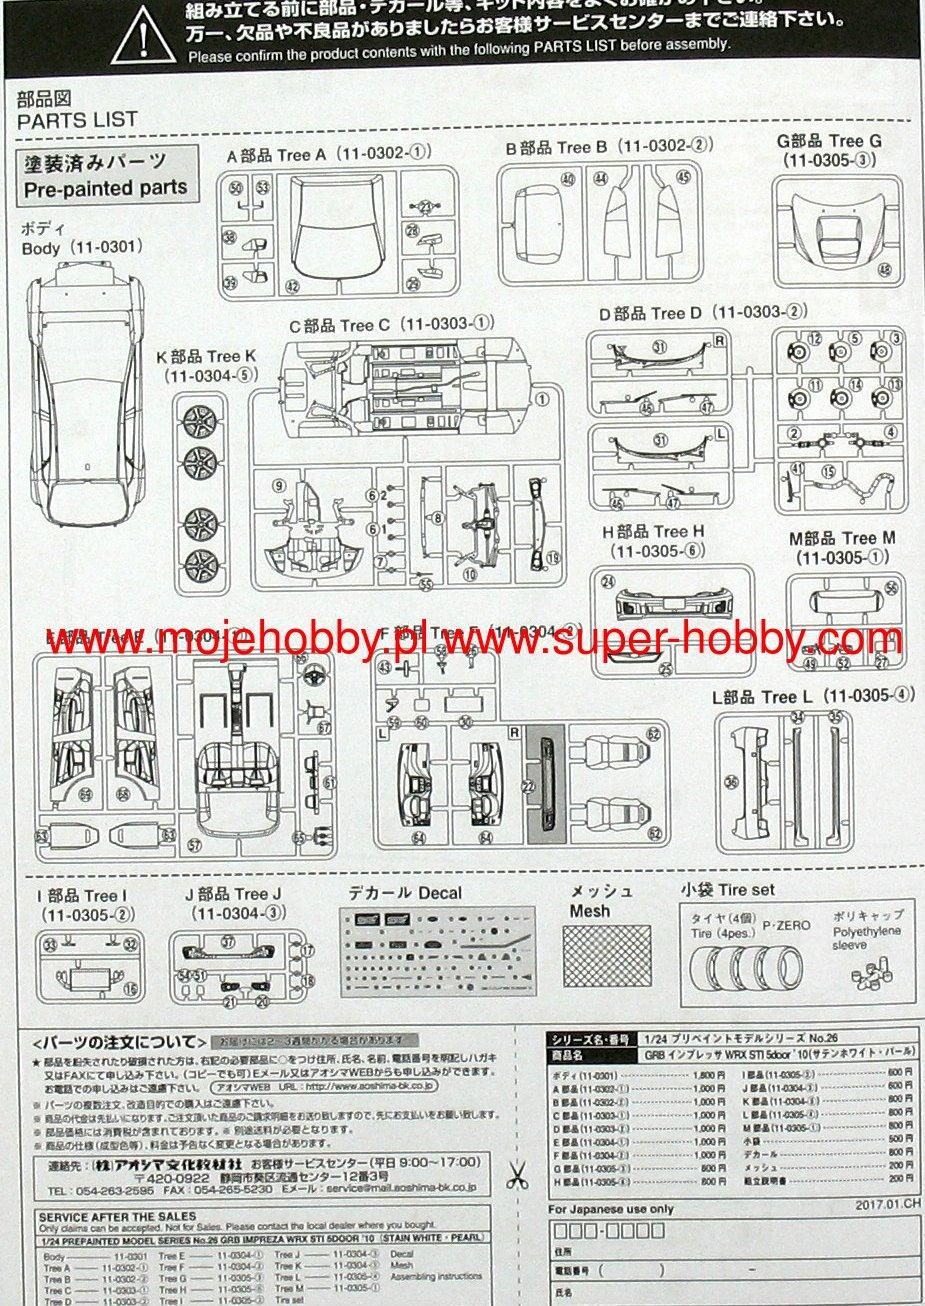 Subaru Grb Impreza Wrx White Aoshima 00490 Parts Diagram 2 Aos00490 4 5